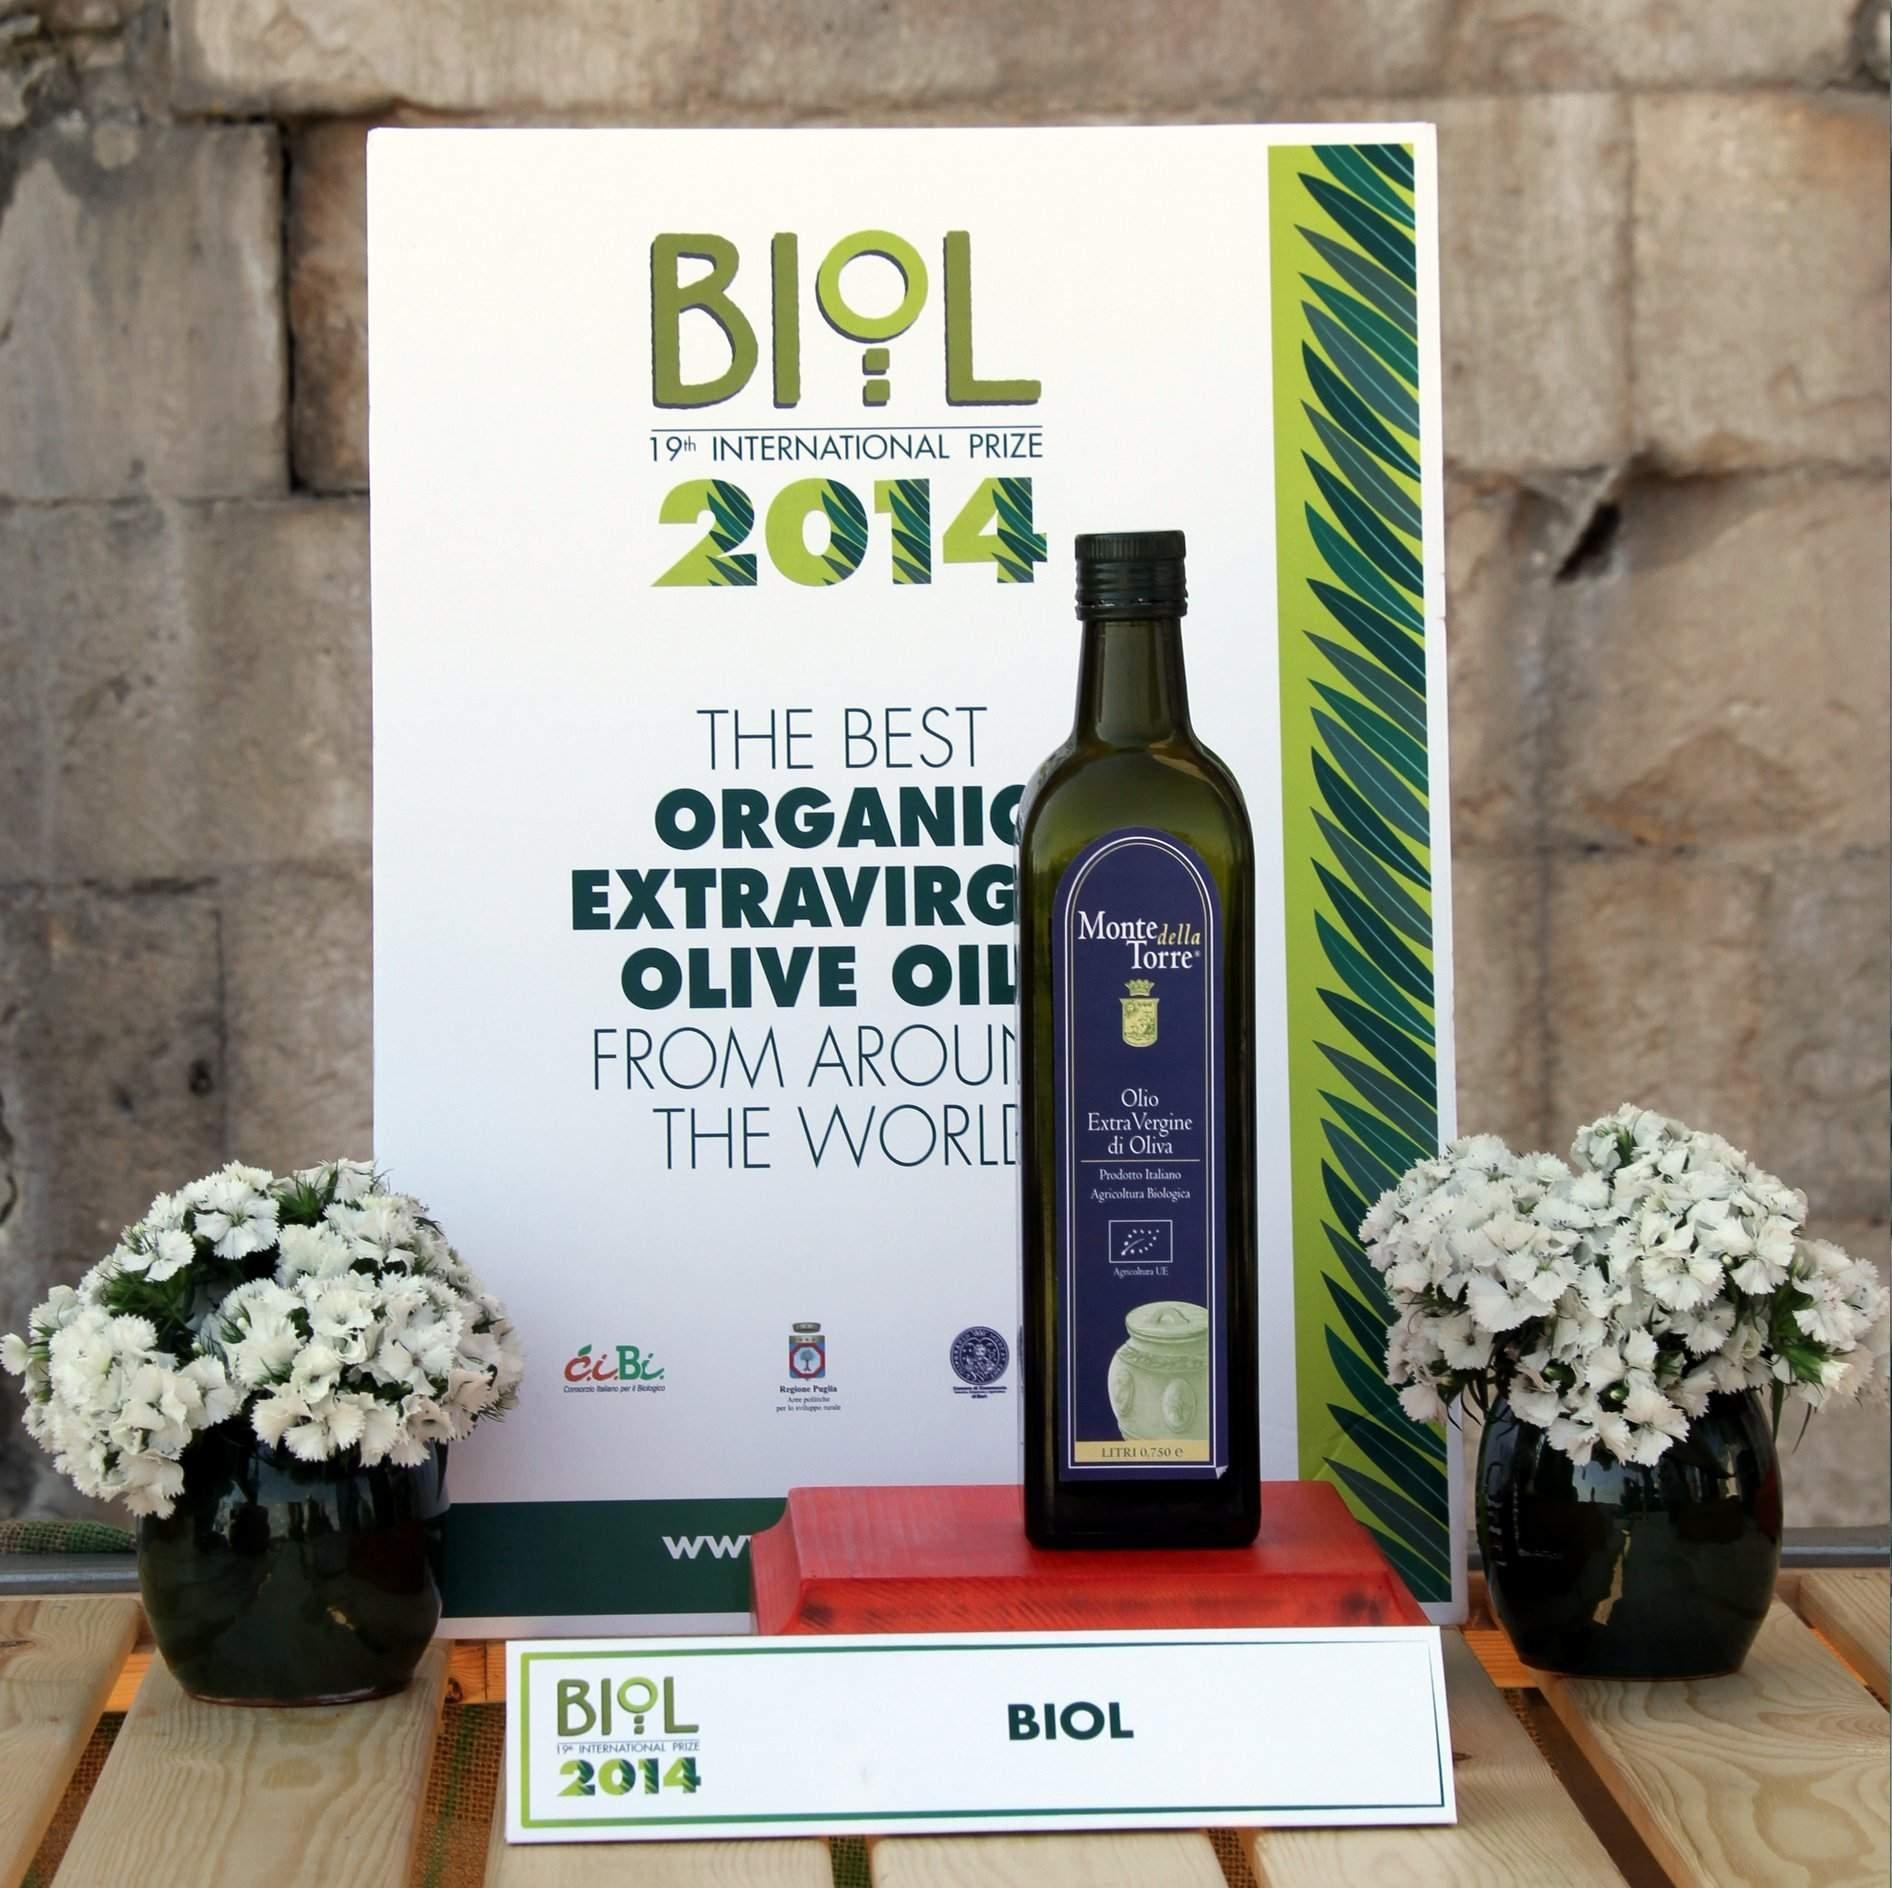 Premio Biol 2014